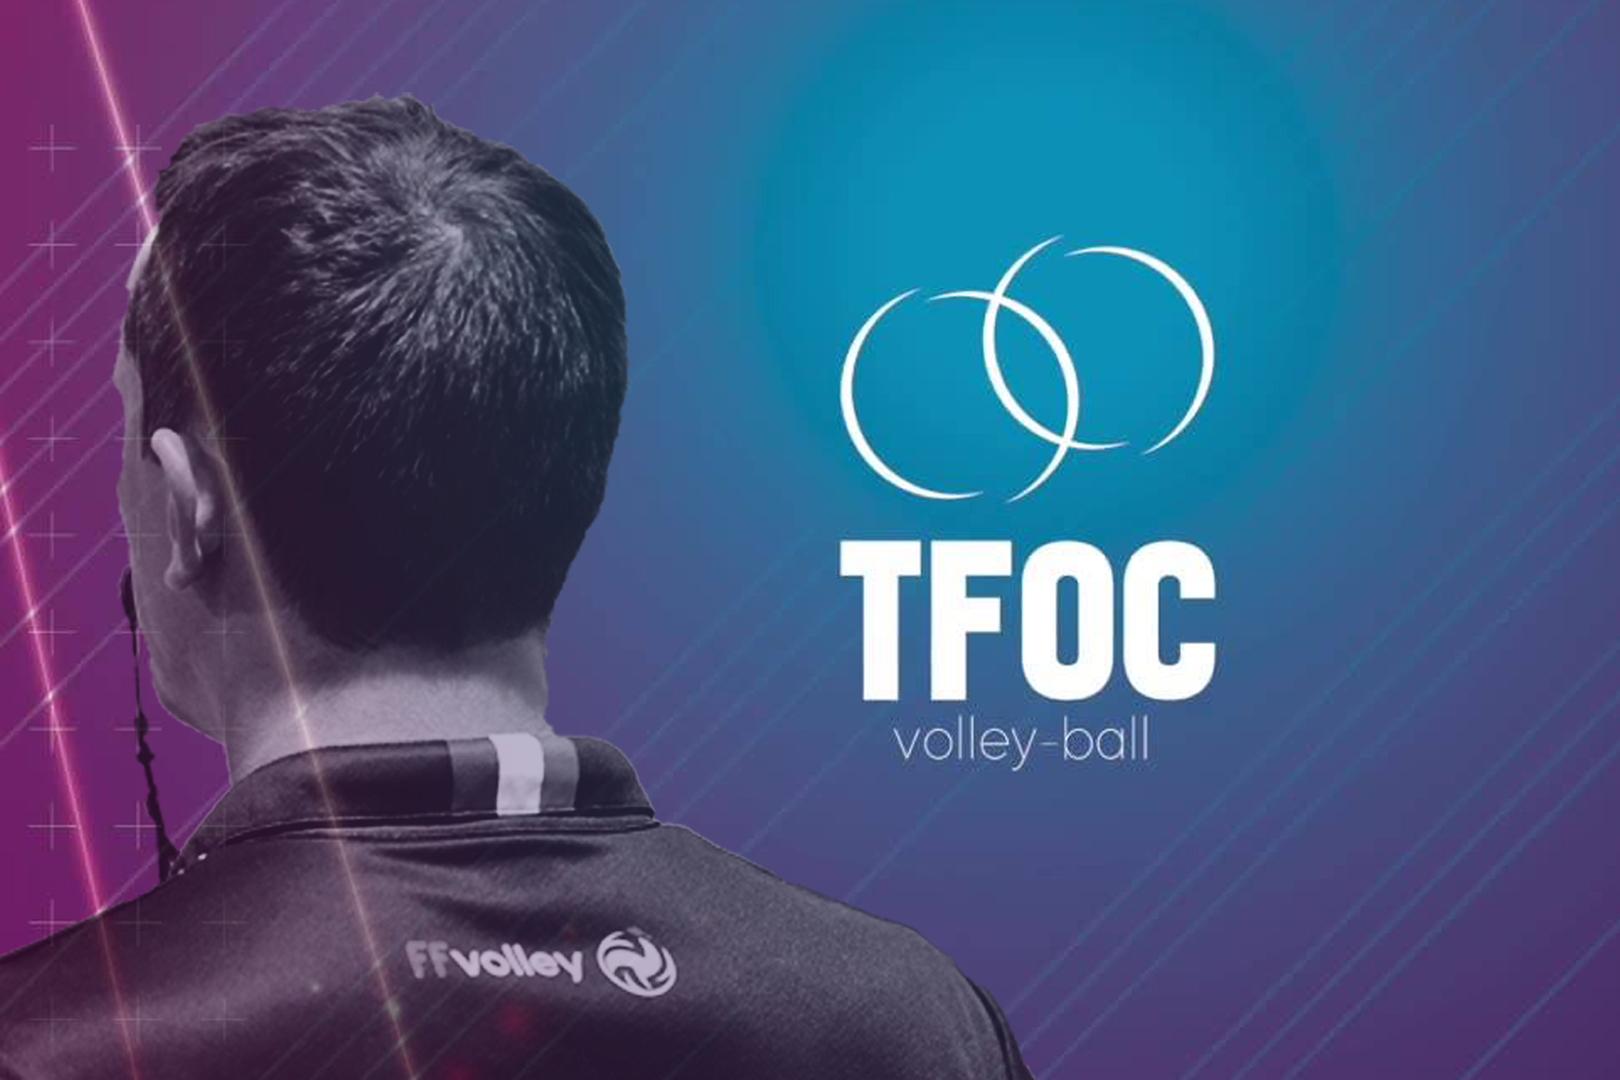 Le TFOC nous offre des vidéos «YA U KOI» sur les règles du volley